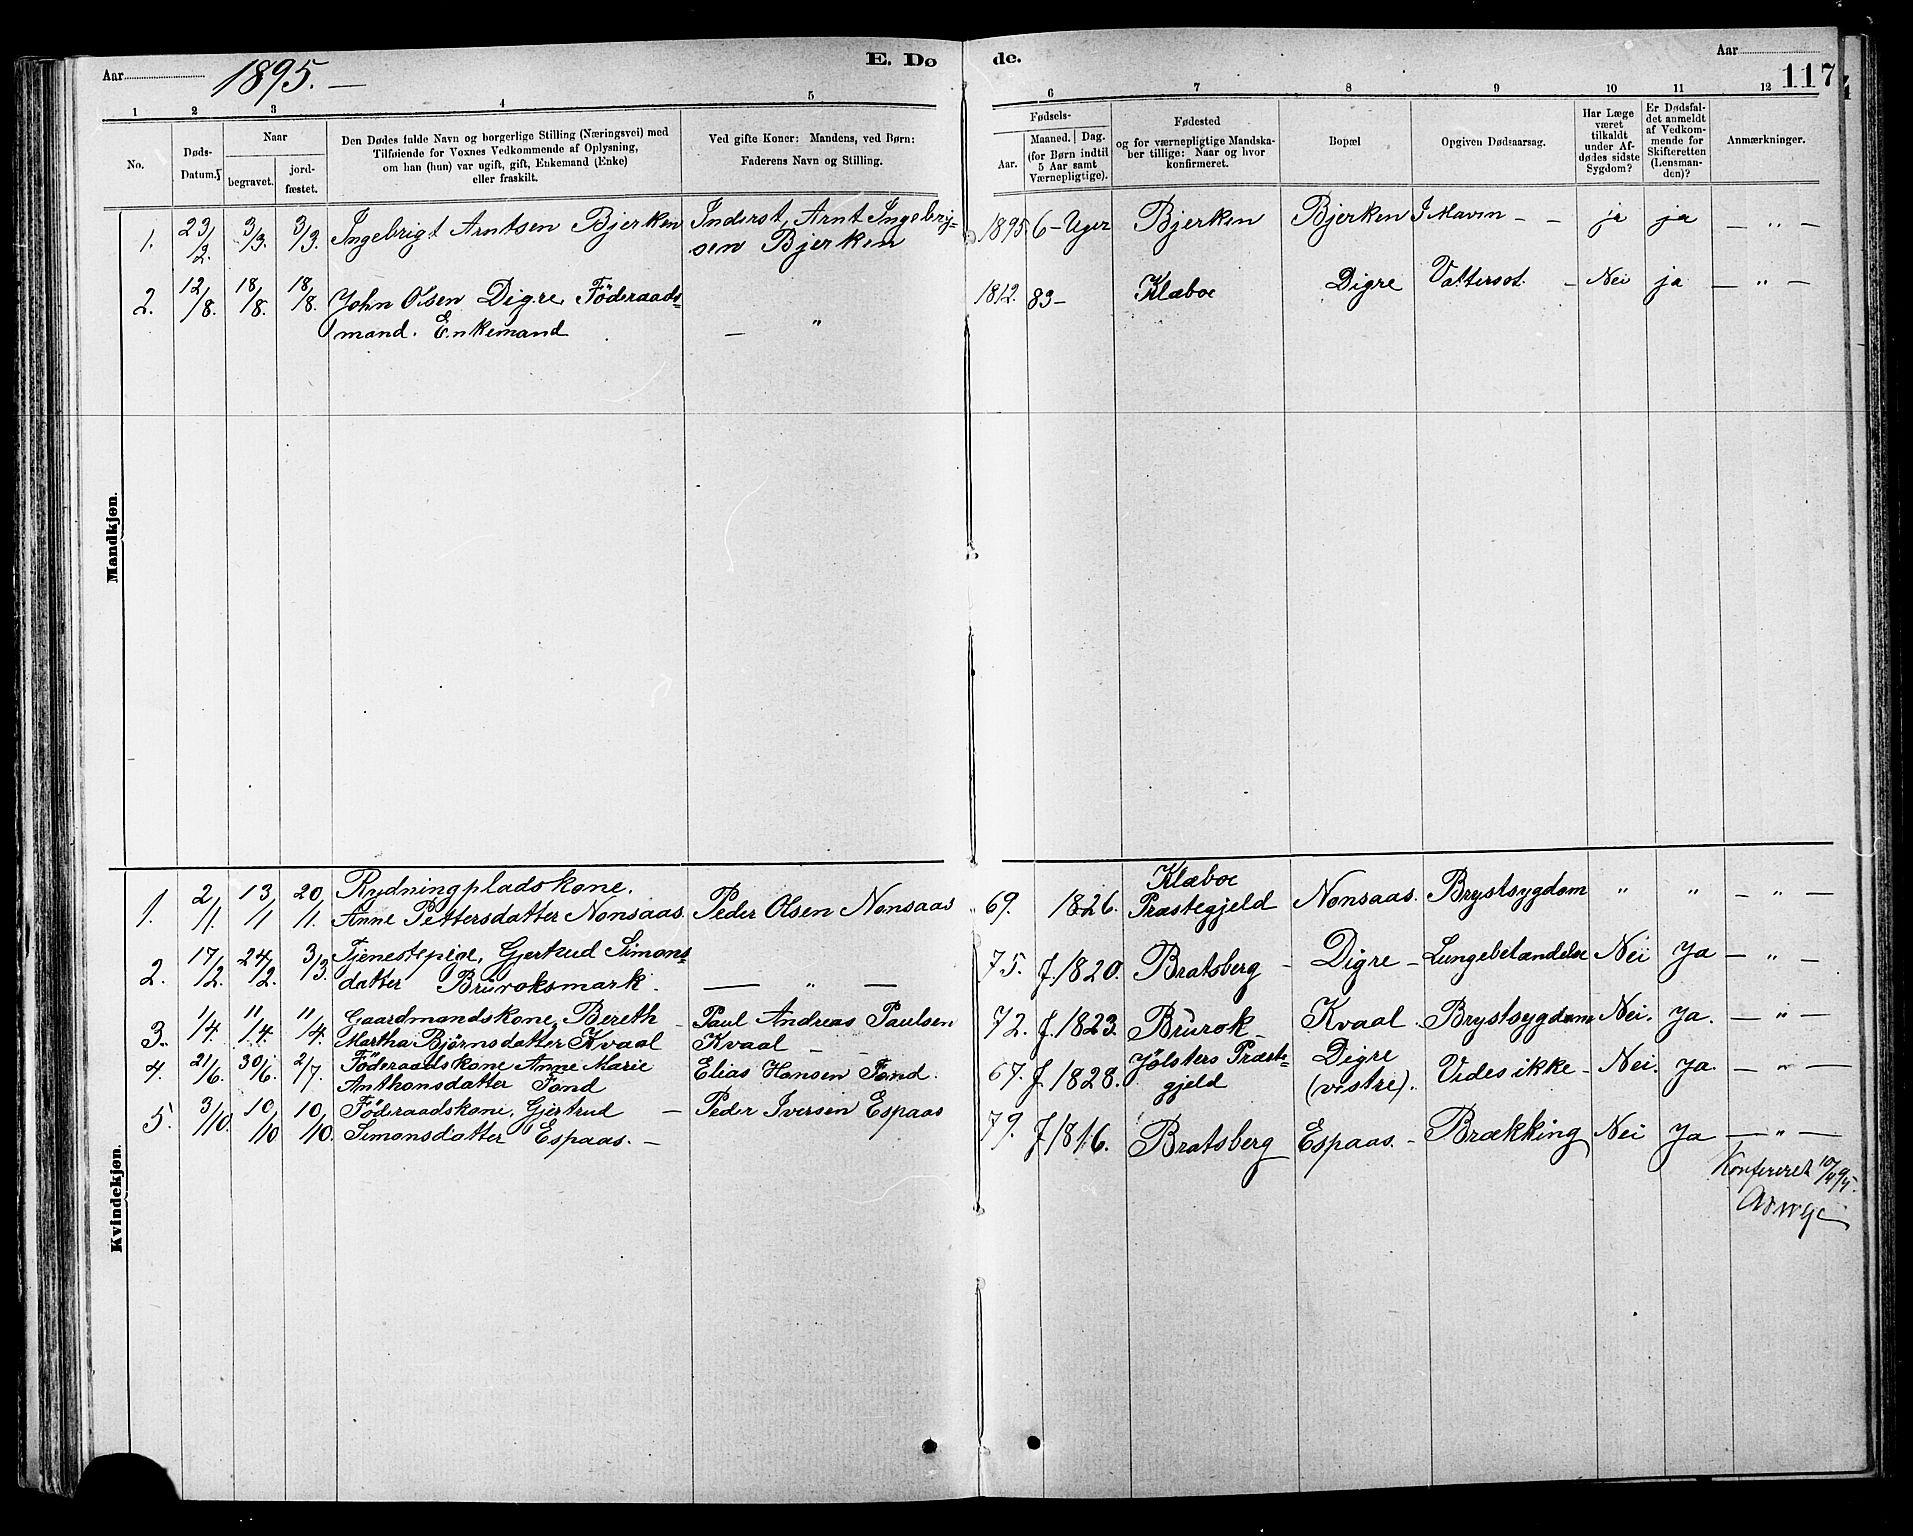 SAT, Ministerialprotokoller, klokkerbøker og fødselsregistre - Sør-Trøndelag, 608/L0341: Klokkerbok nr. 608C07, 1890-1912, s. 117